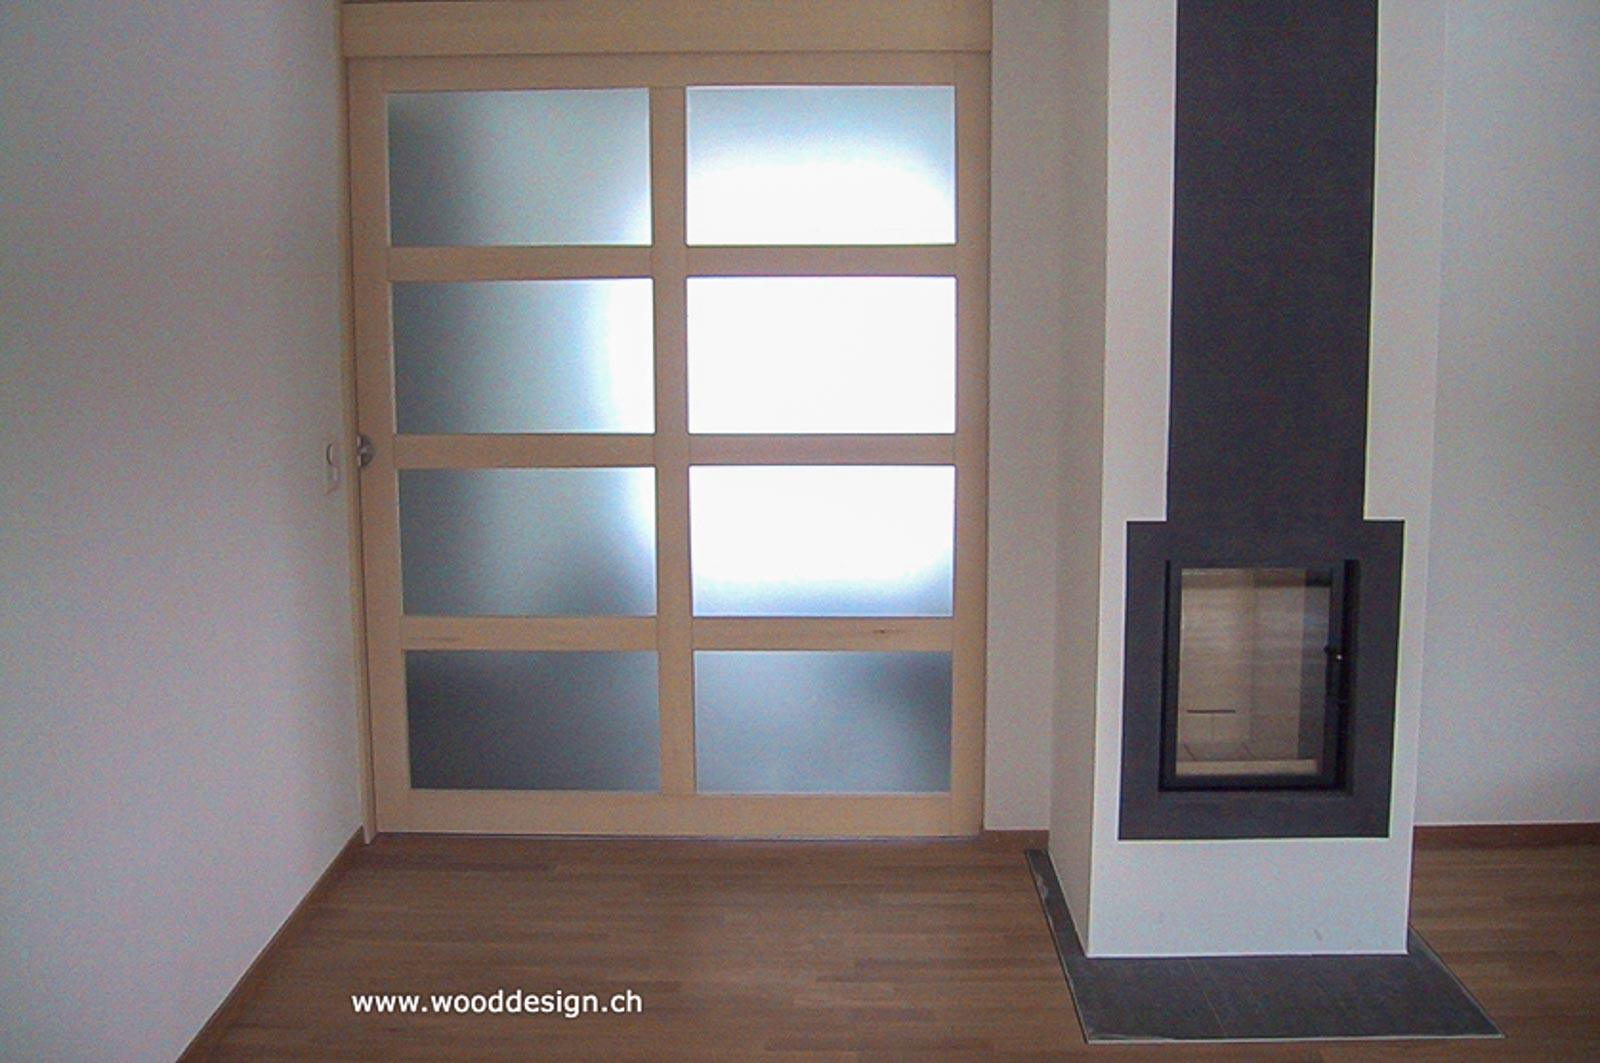 Wooddesign_Raumtrenner_Türen_Schiebetüren_Akustikverkleidungen (72)